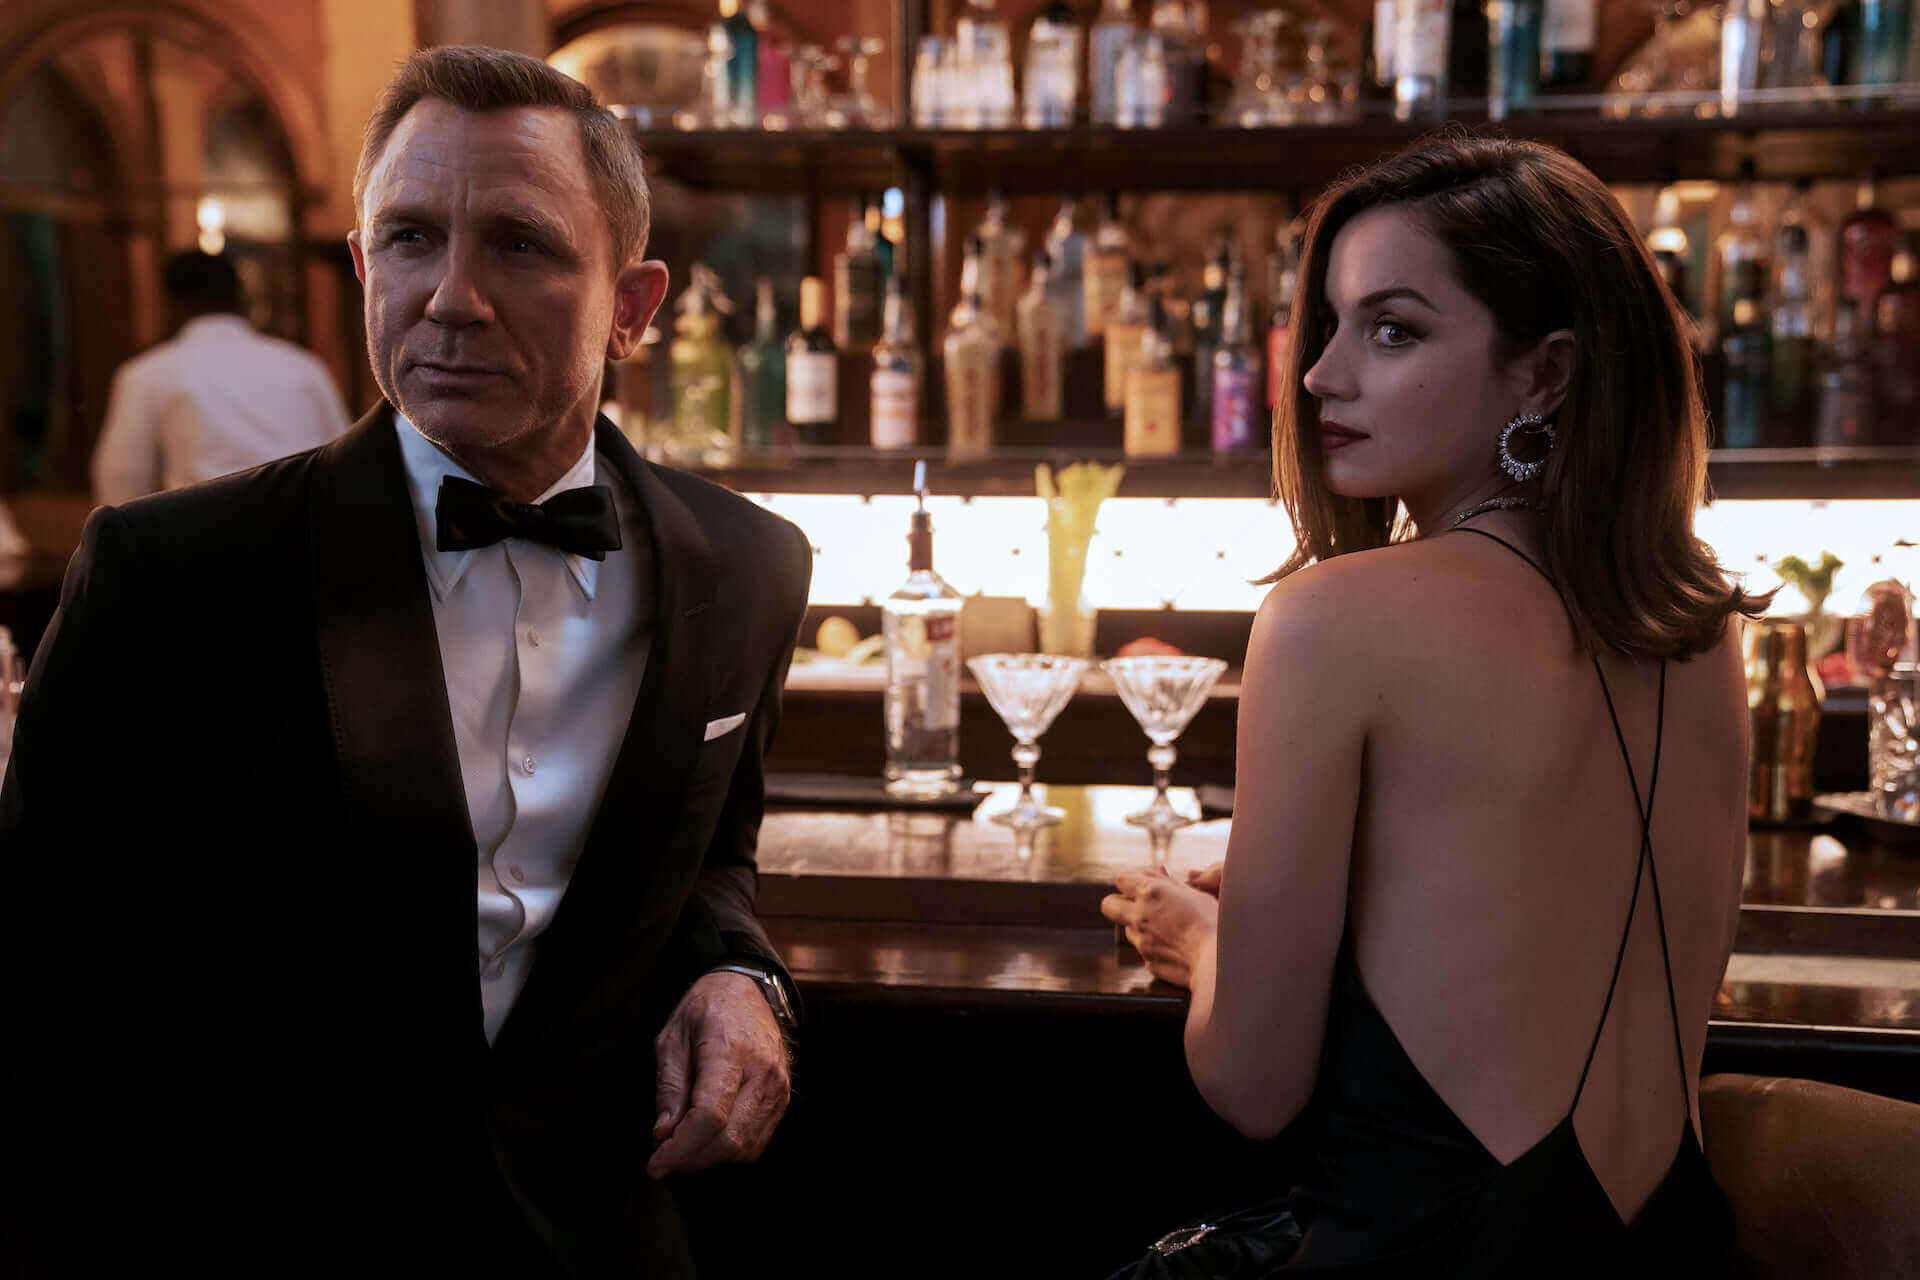 『007/ノー・タイム・トゥ・ダイ』公開前にシリーズを振り返る!ダニエルボンドのストーリーを辿る特別映像解禁 film210917_007_ntd_3